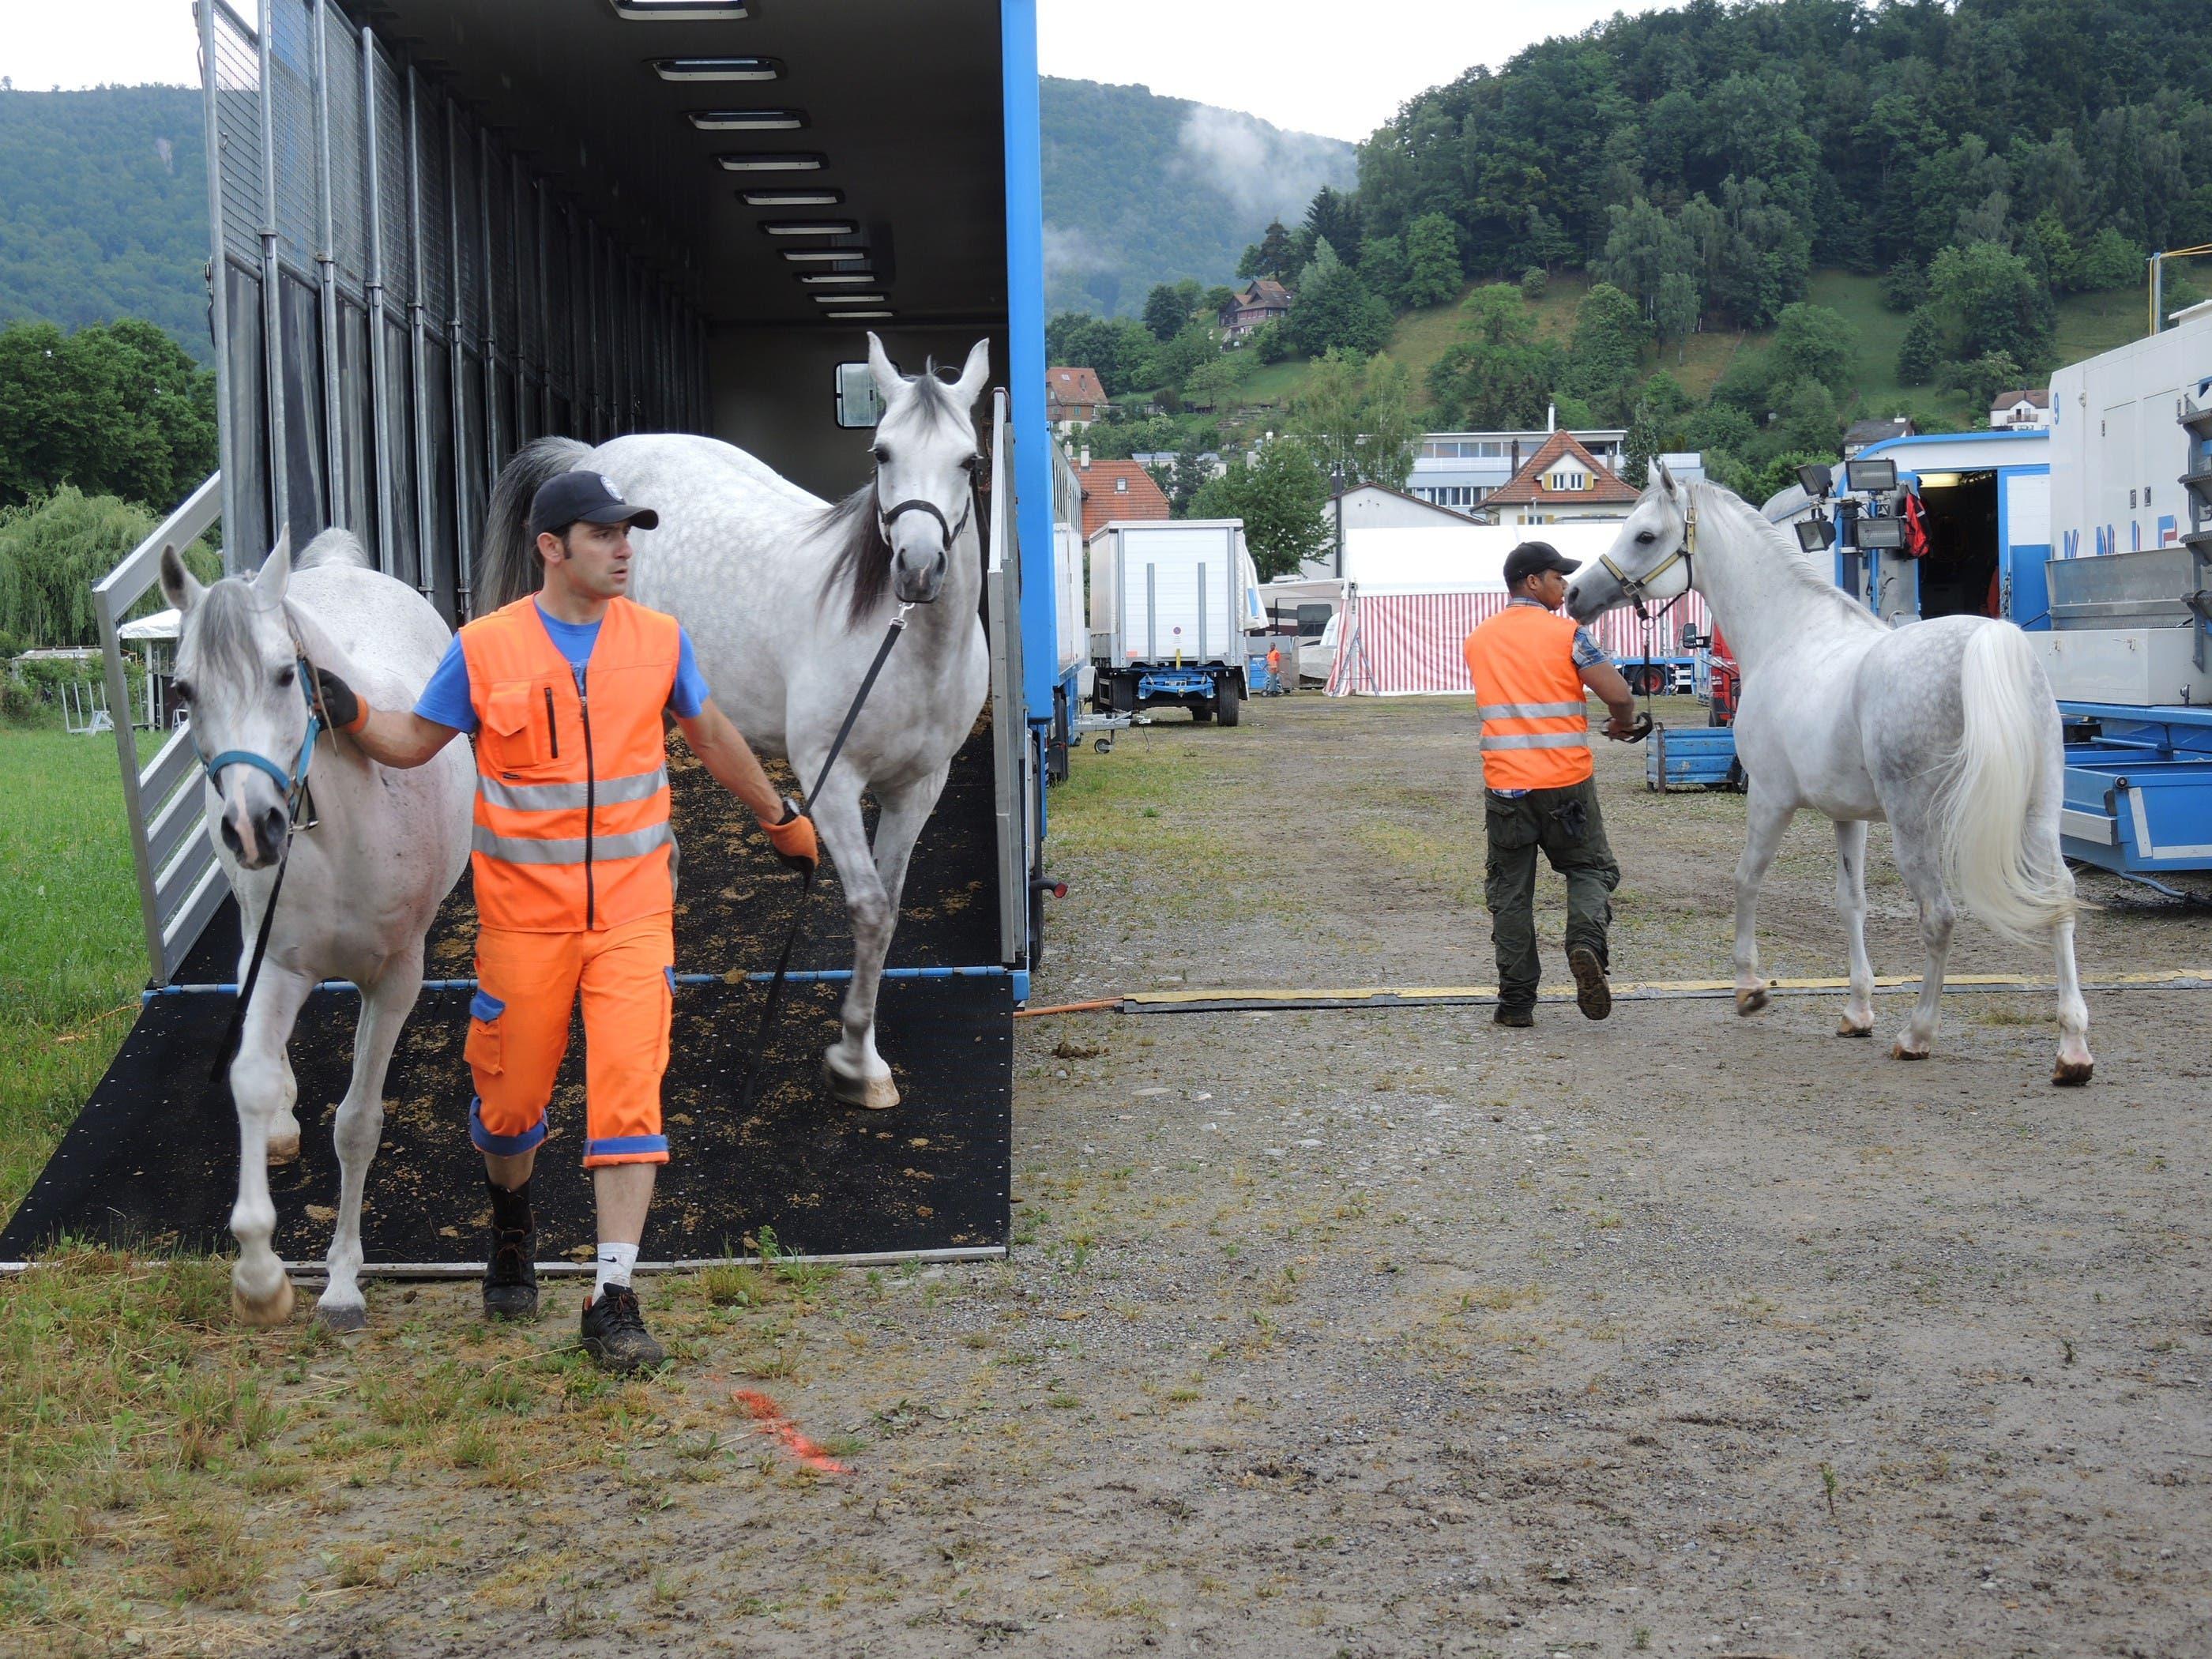 Sobald die Ställe fertig aufgebaut sind, werden auch die Pferde ausgeladen